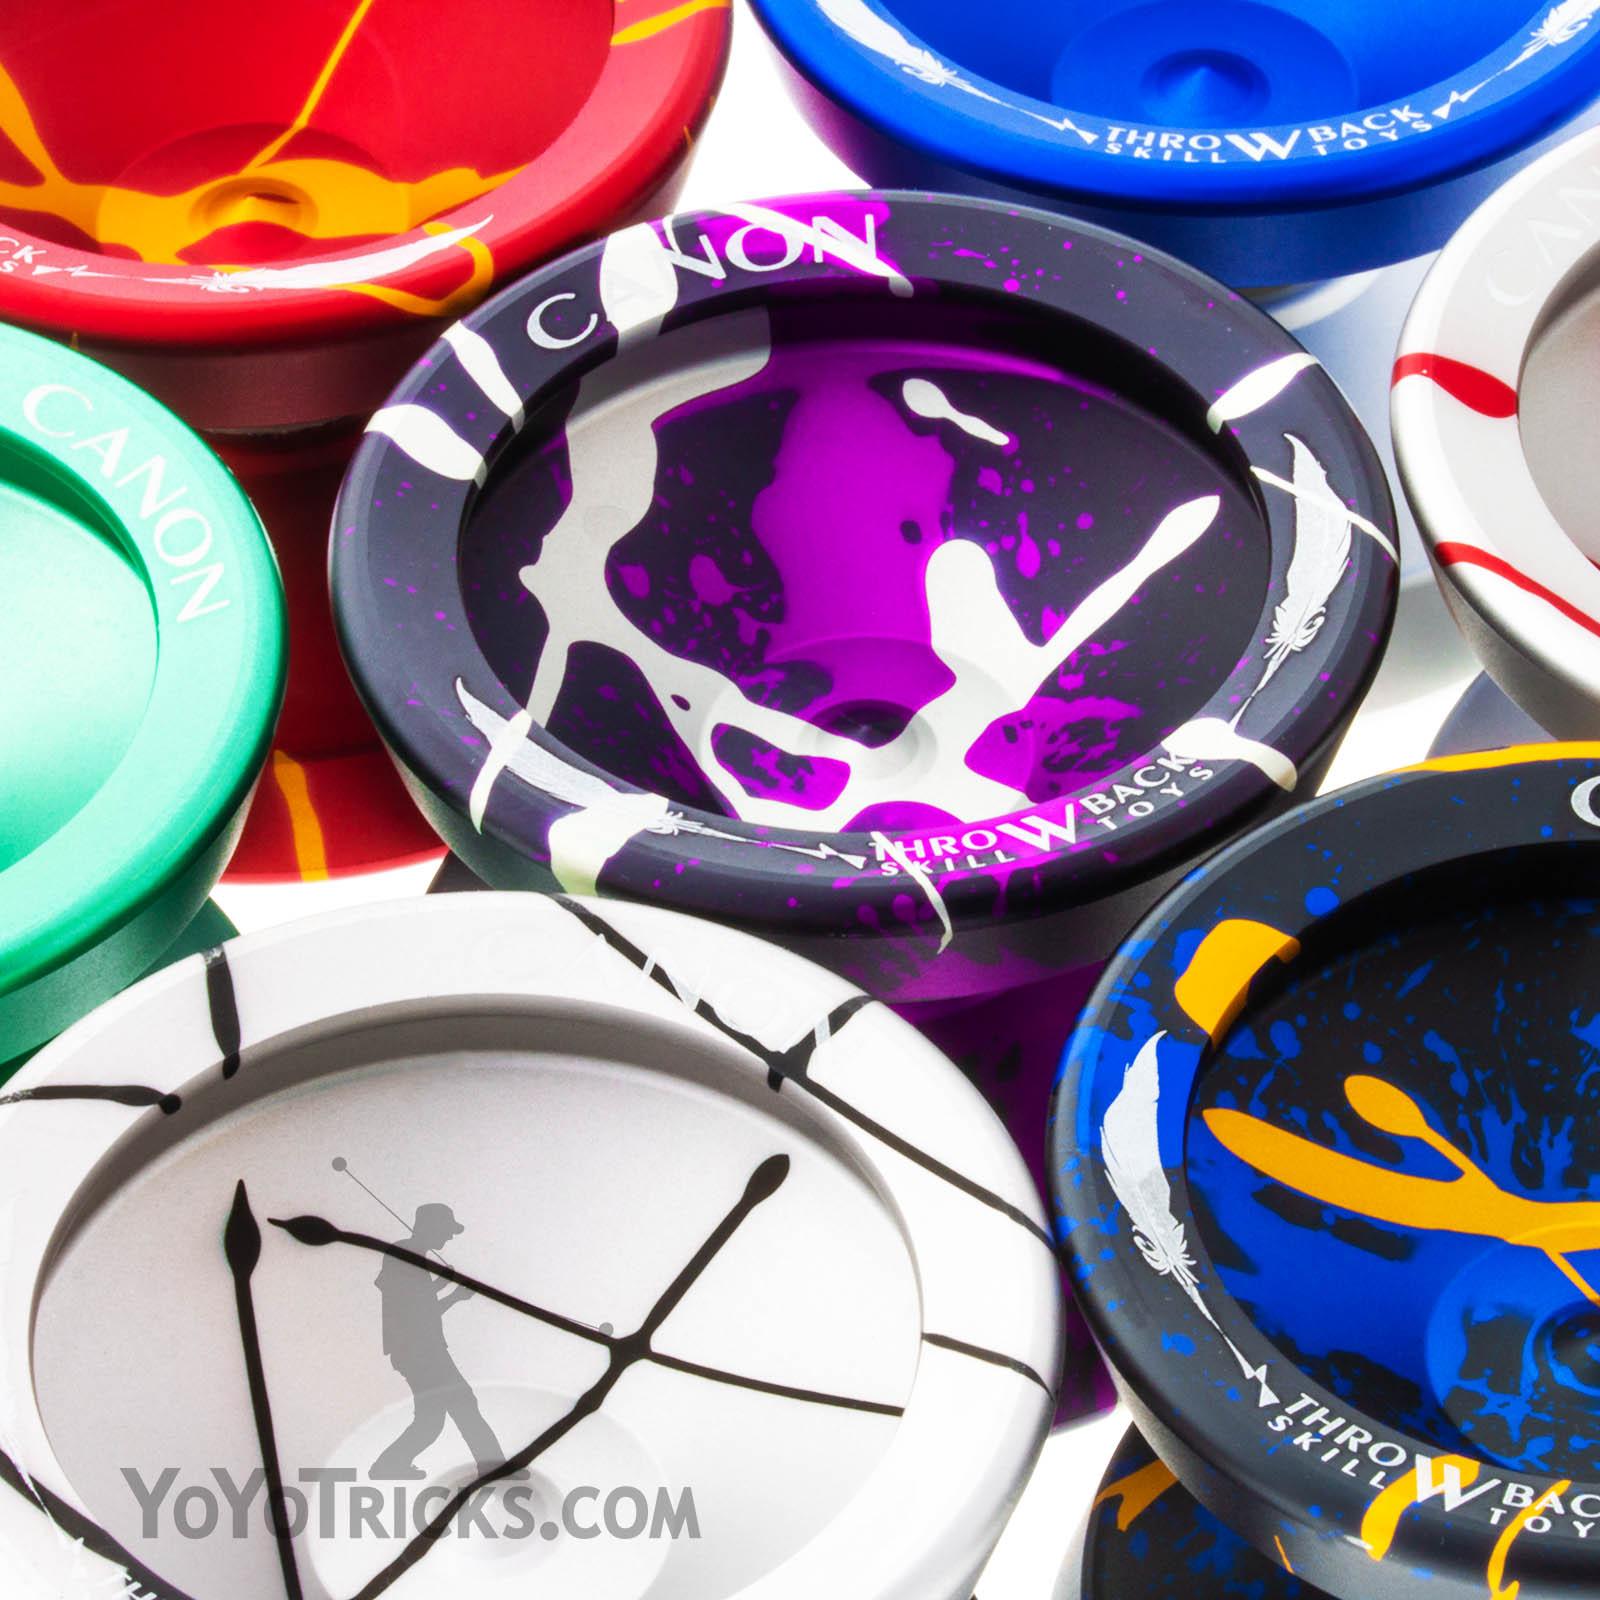 Canon-Yoyo-Group